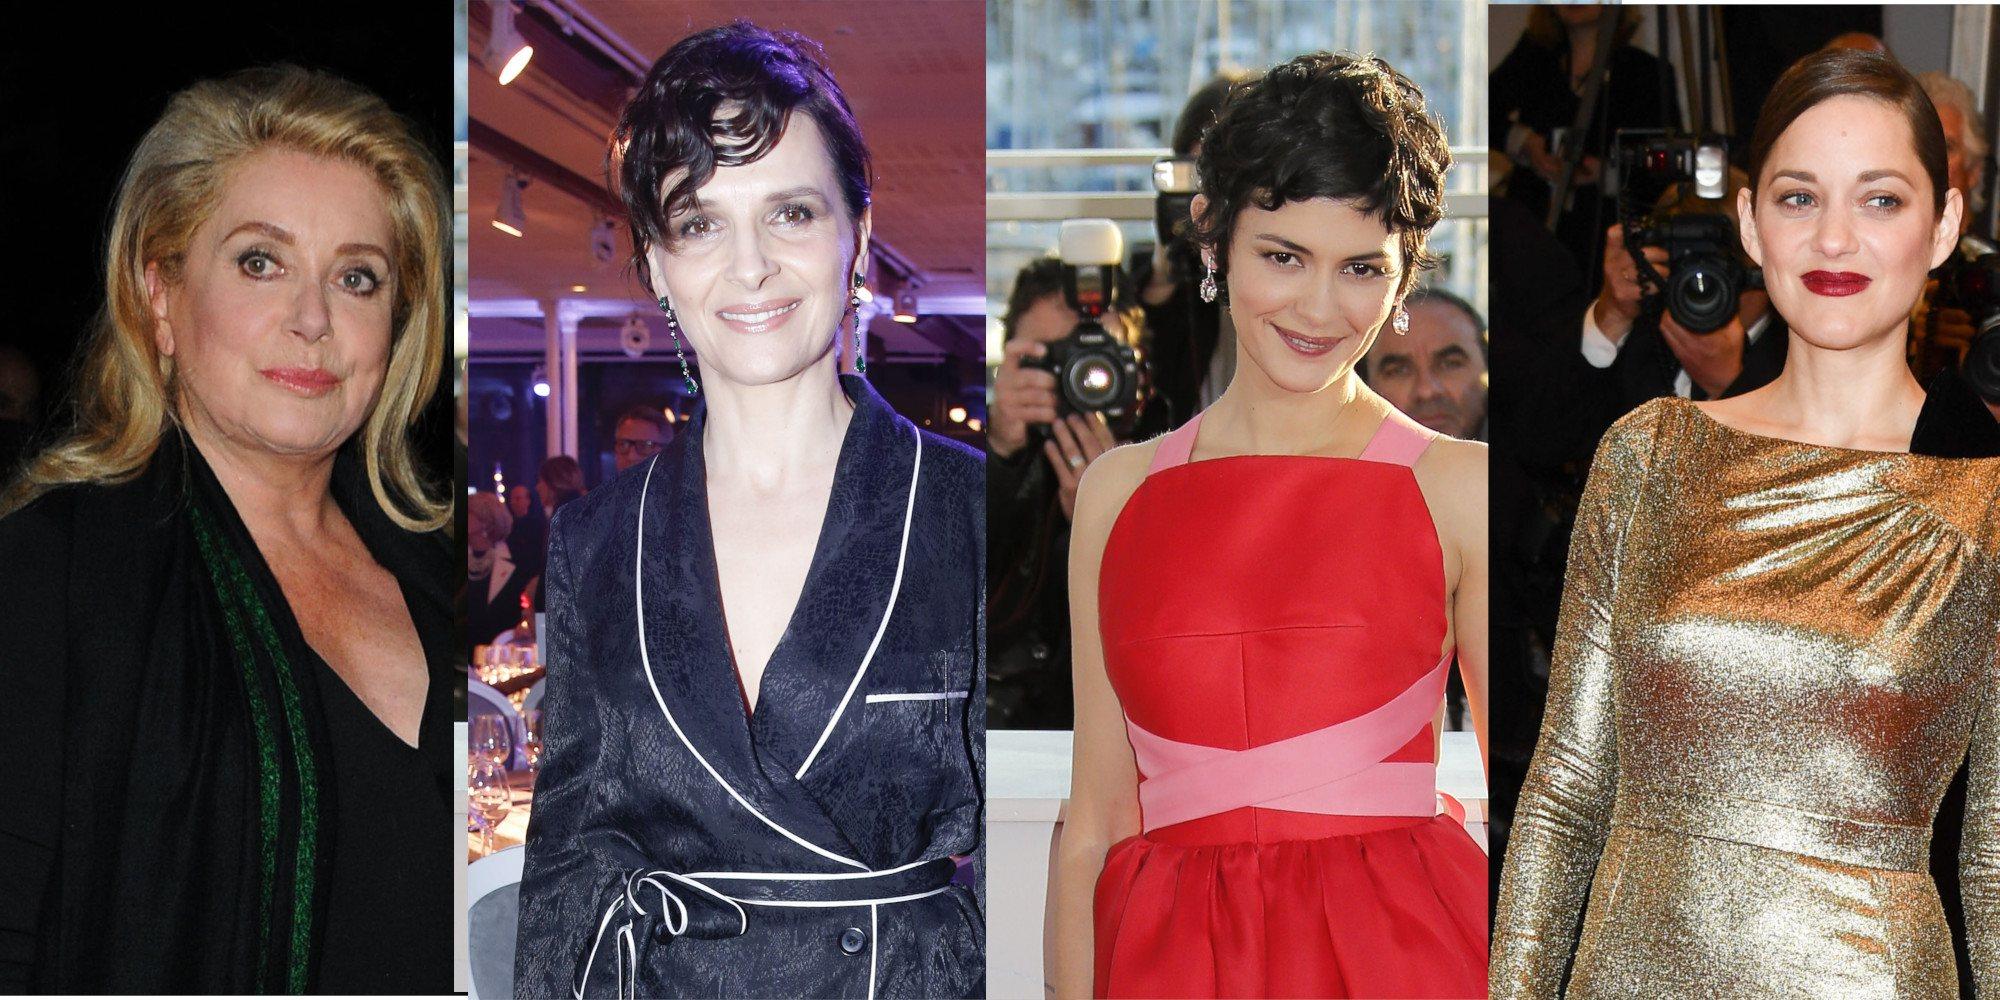 Las 6 actrices francesas más internacionales: talento, dramas y comedias